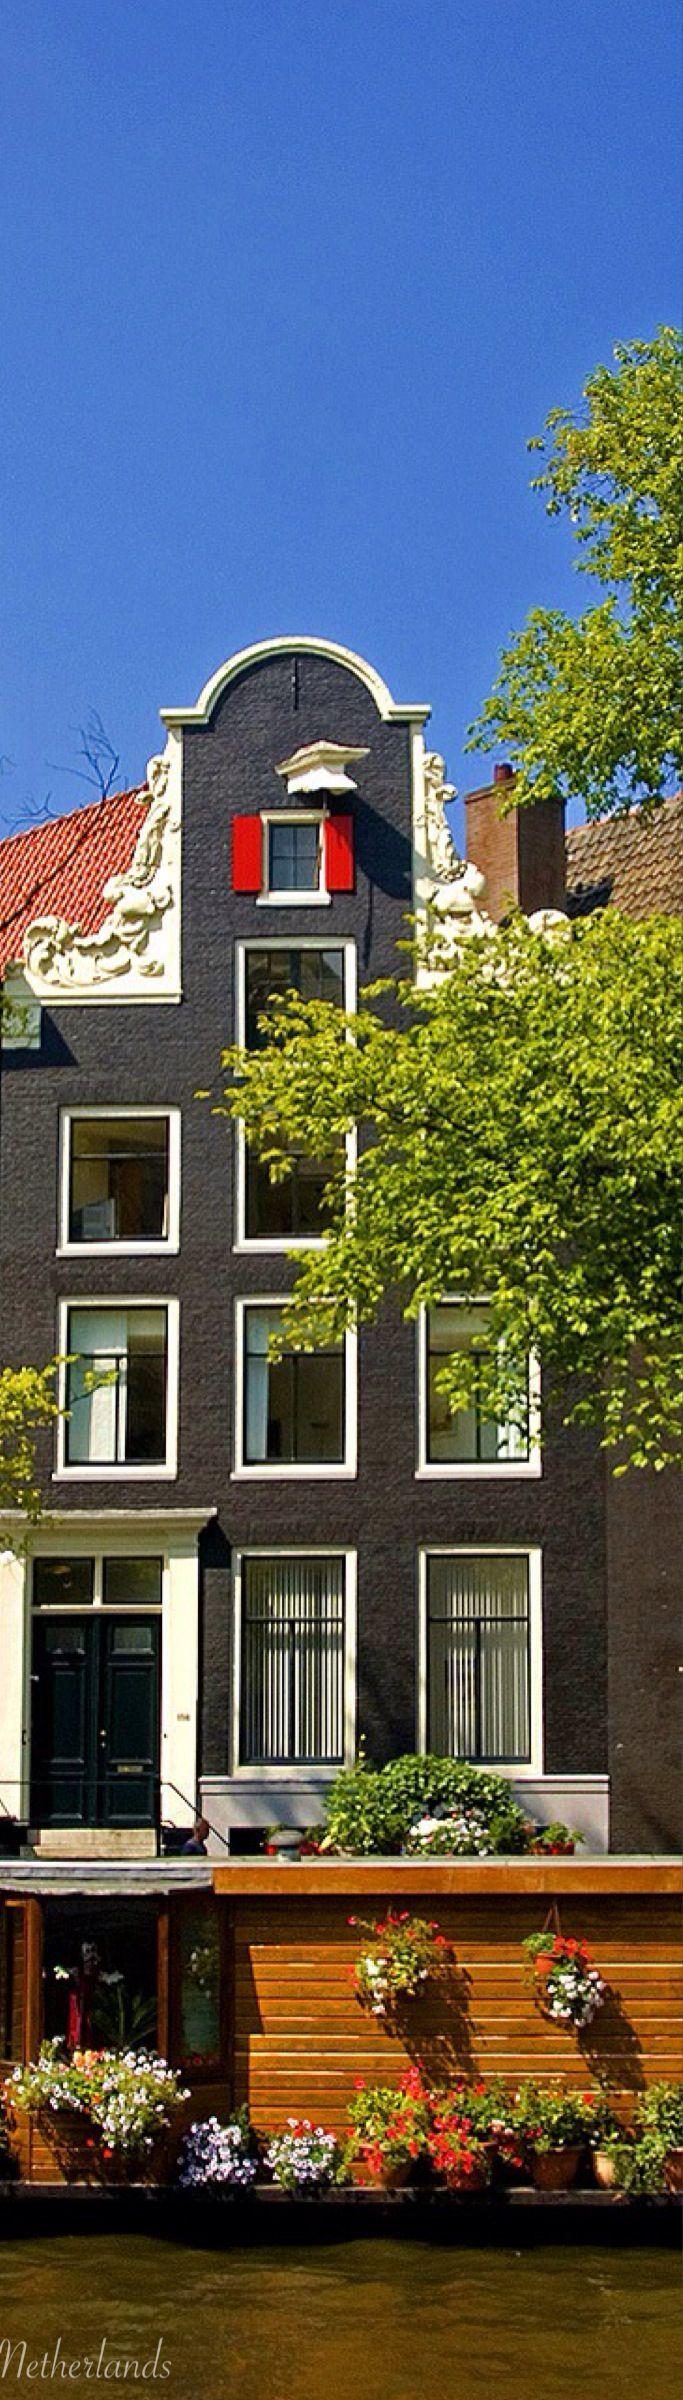 Netherlands | Travel around the World | Pinterest